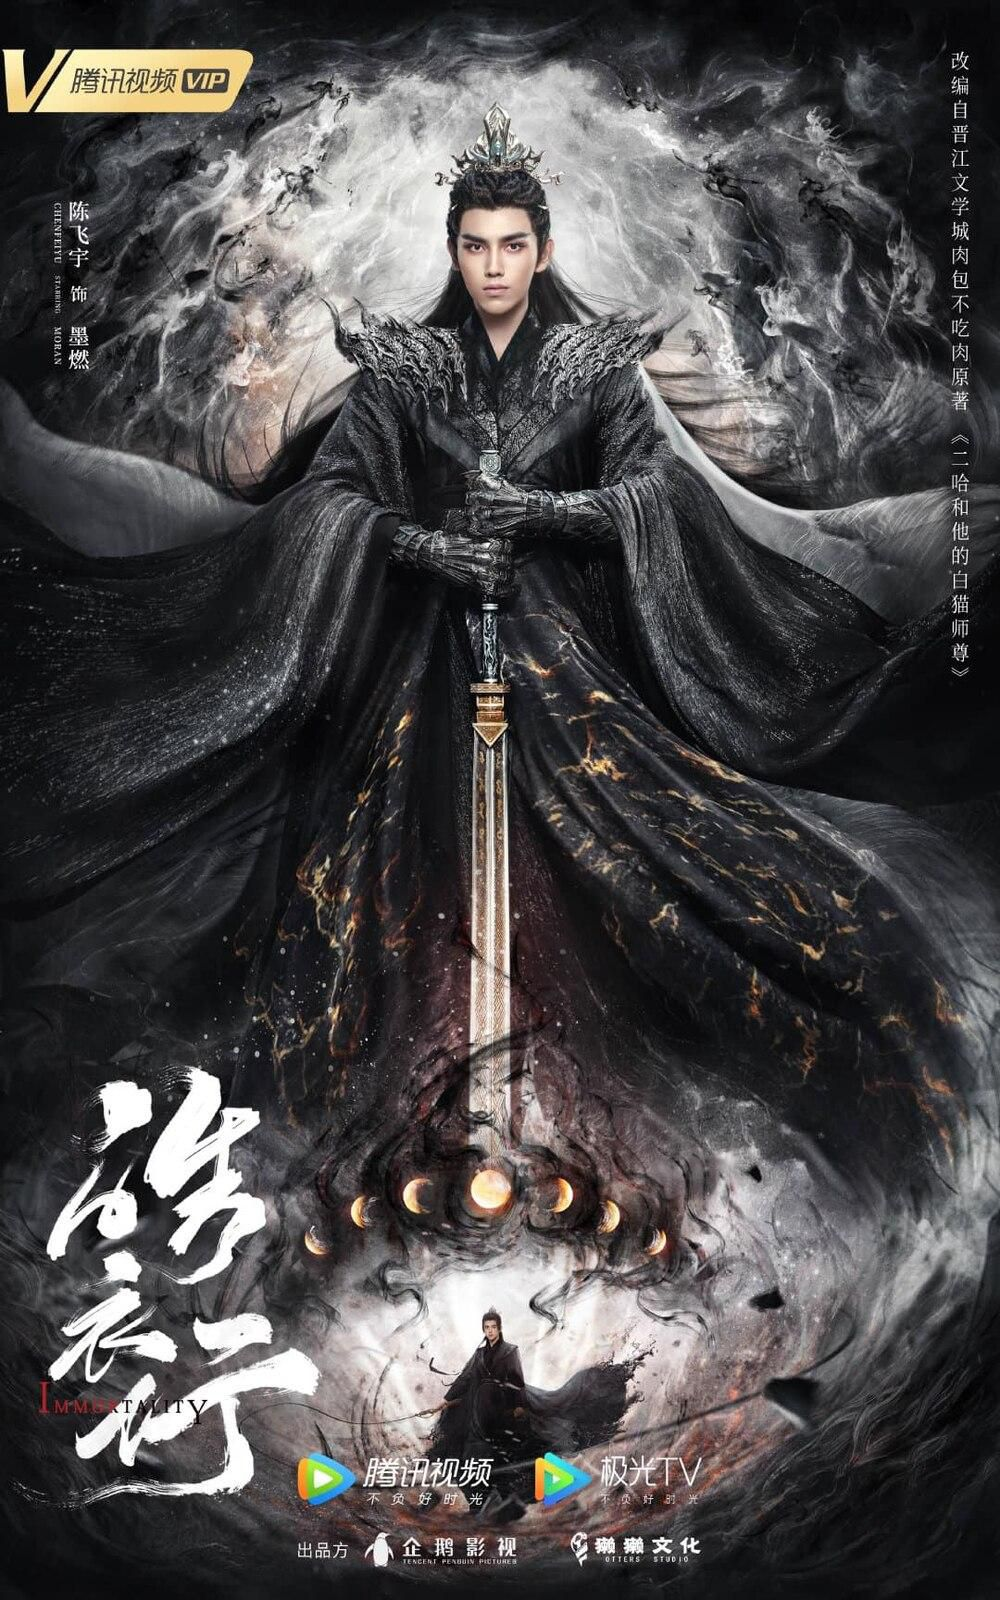 Dân mạng phát sốt với hình ảnh thân mật của La Vân Hi - Trần Phi Vũ trong hậu trường 'Hạo y hành' Ảnh 7